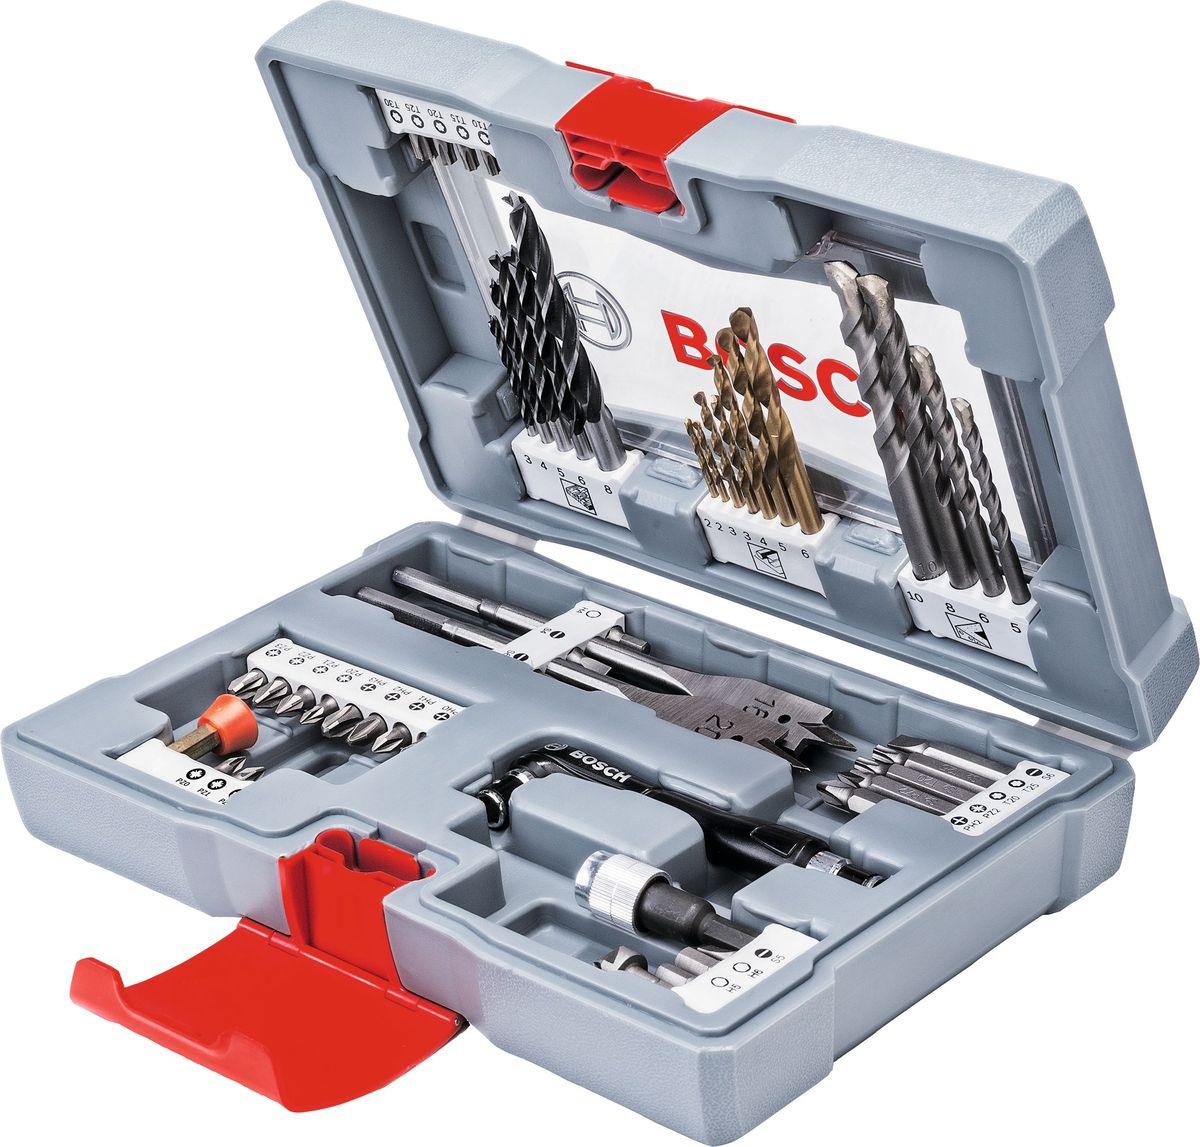 Набор оснастки Bosch Premium Set, 49 шт. 2608P00233 набор оснастки по дереву bosch для pmf 4 шт